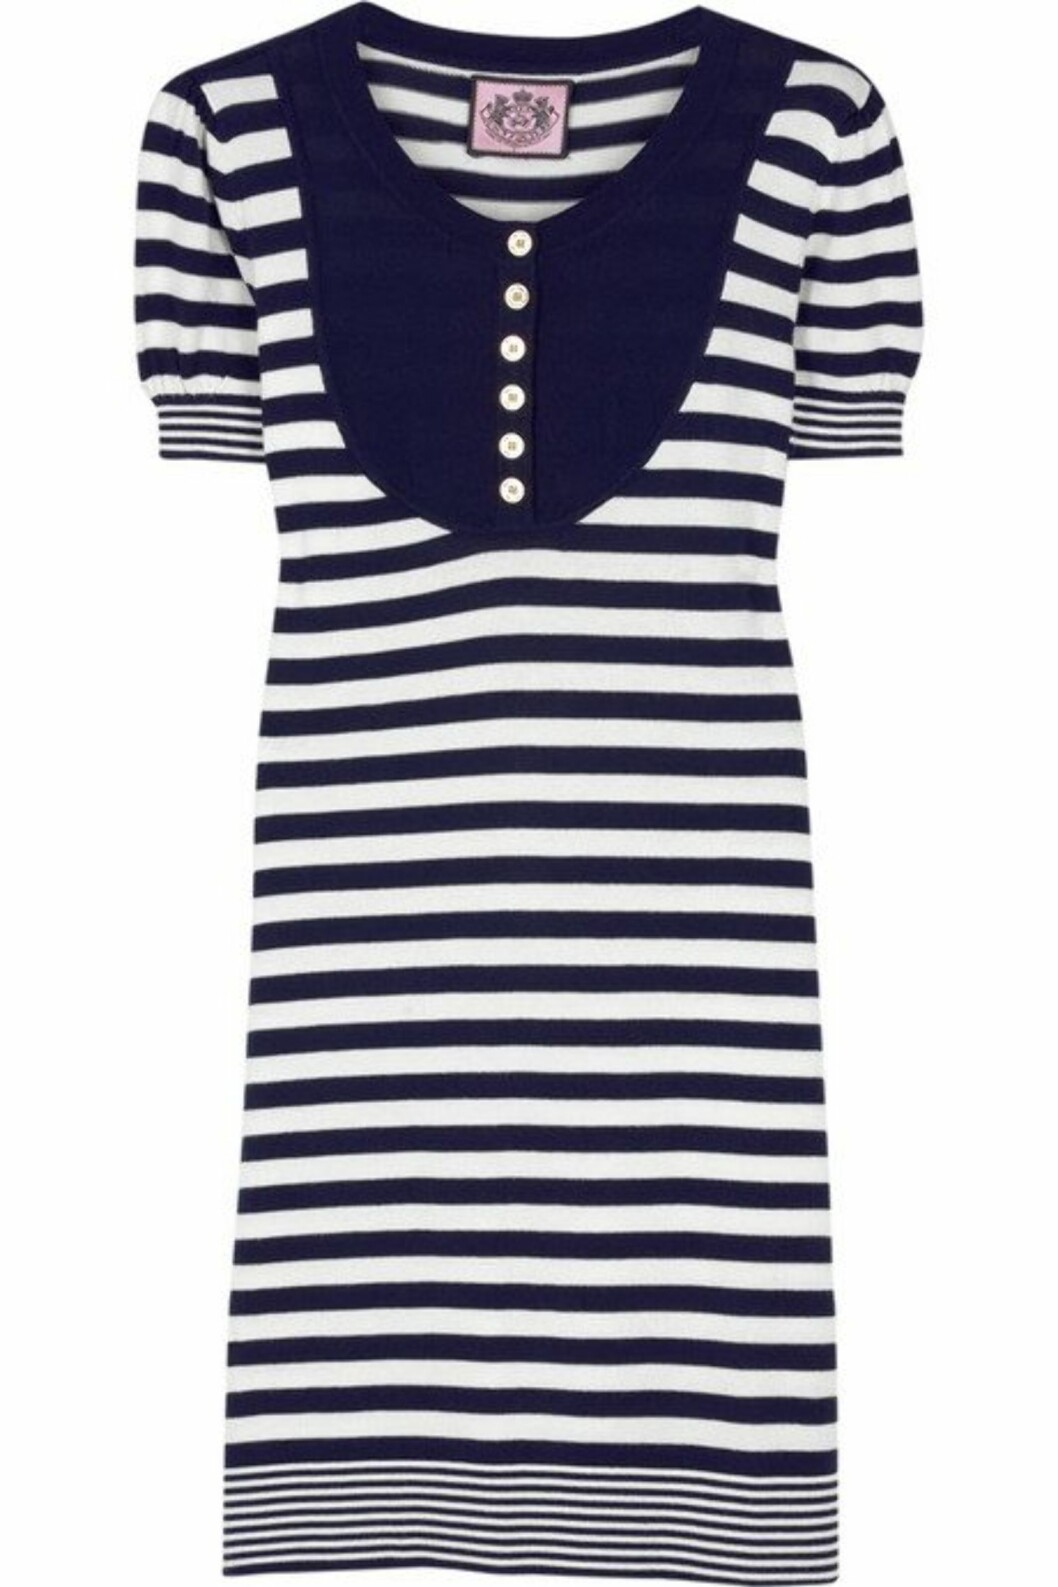 <strong>50 PROSENT AVSLAG:</strong> Kjole i maritim stil (kr 1000, Juicy Couture).